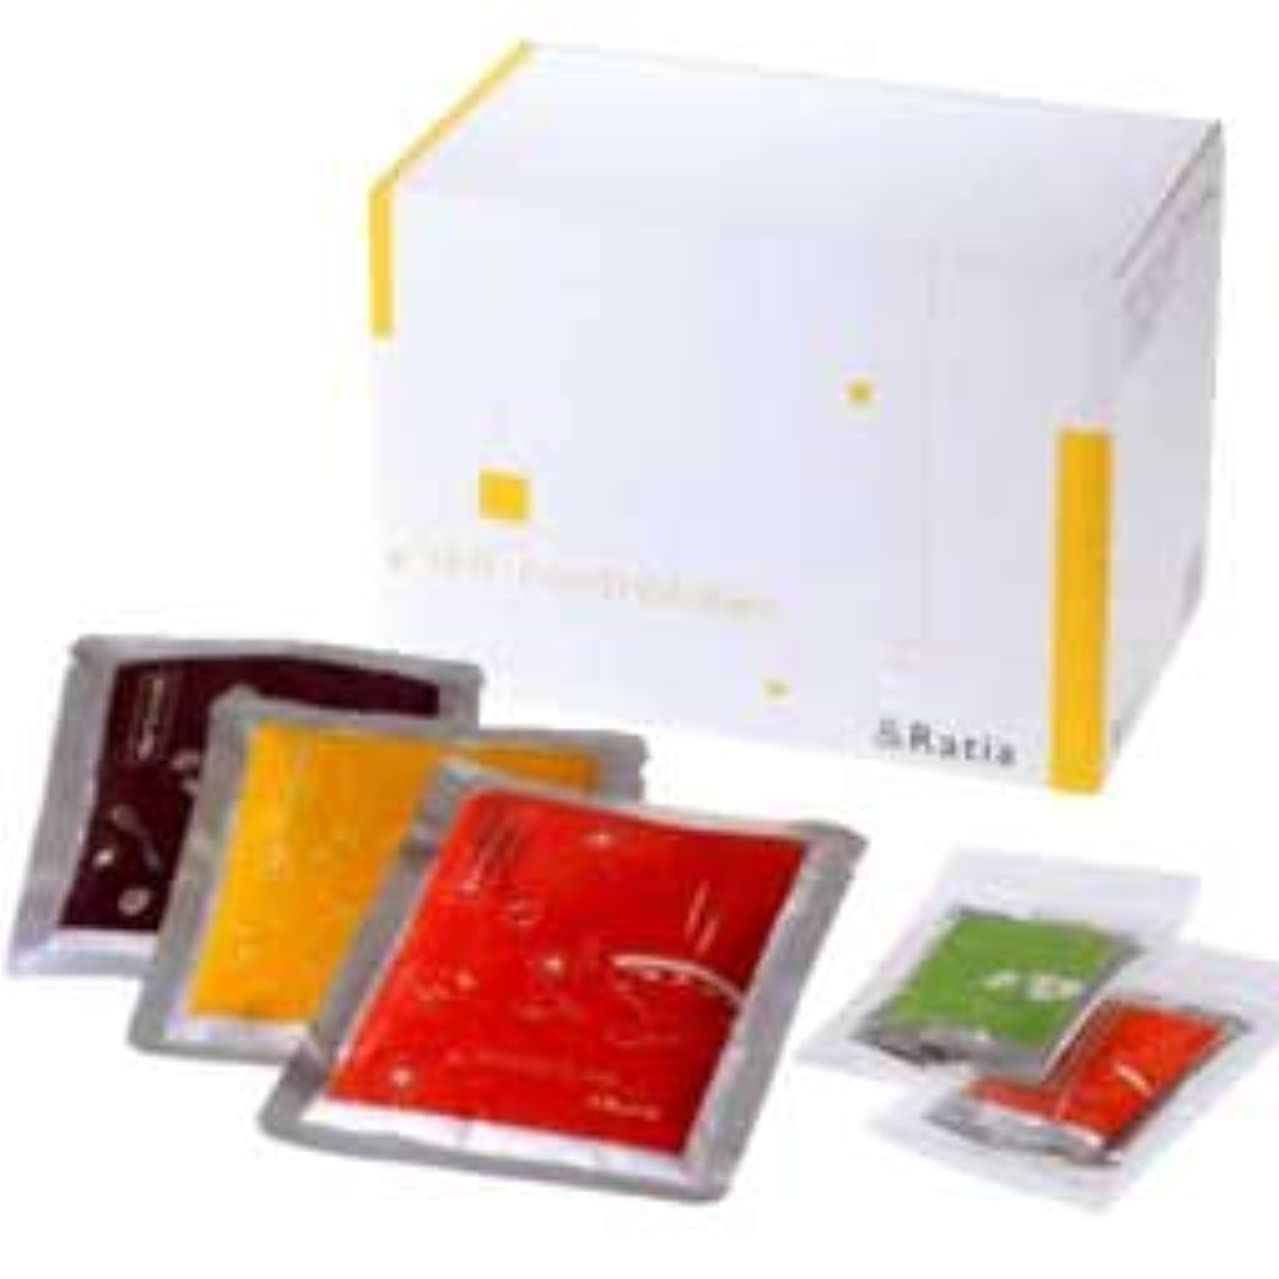 &Ratia セルフコントロールダイエット お粥3種14袋+スパイス2種14包